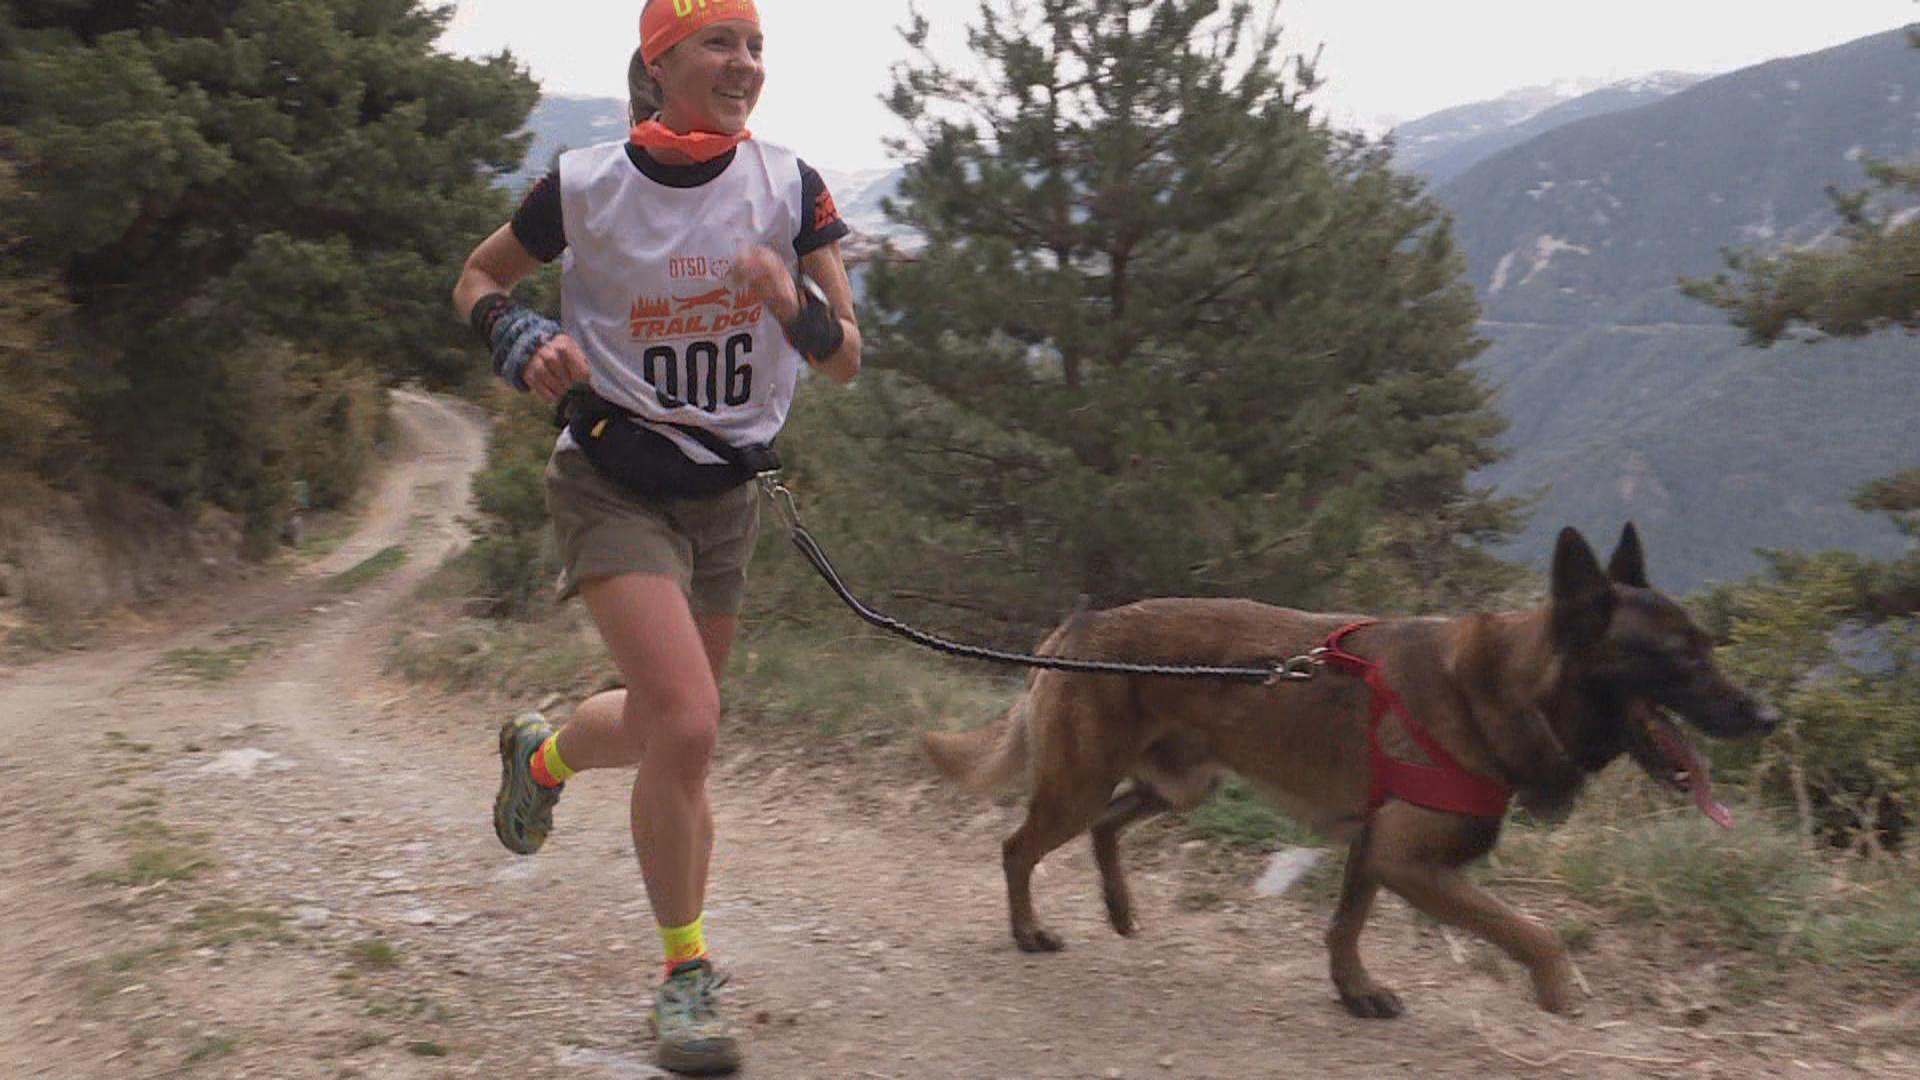 Sabrina Solana i el Loup, i Xavi Jové amb el Gares, guanyadors a l'Otso Trail Dog